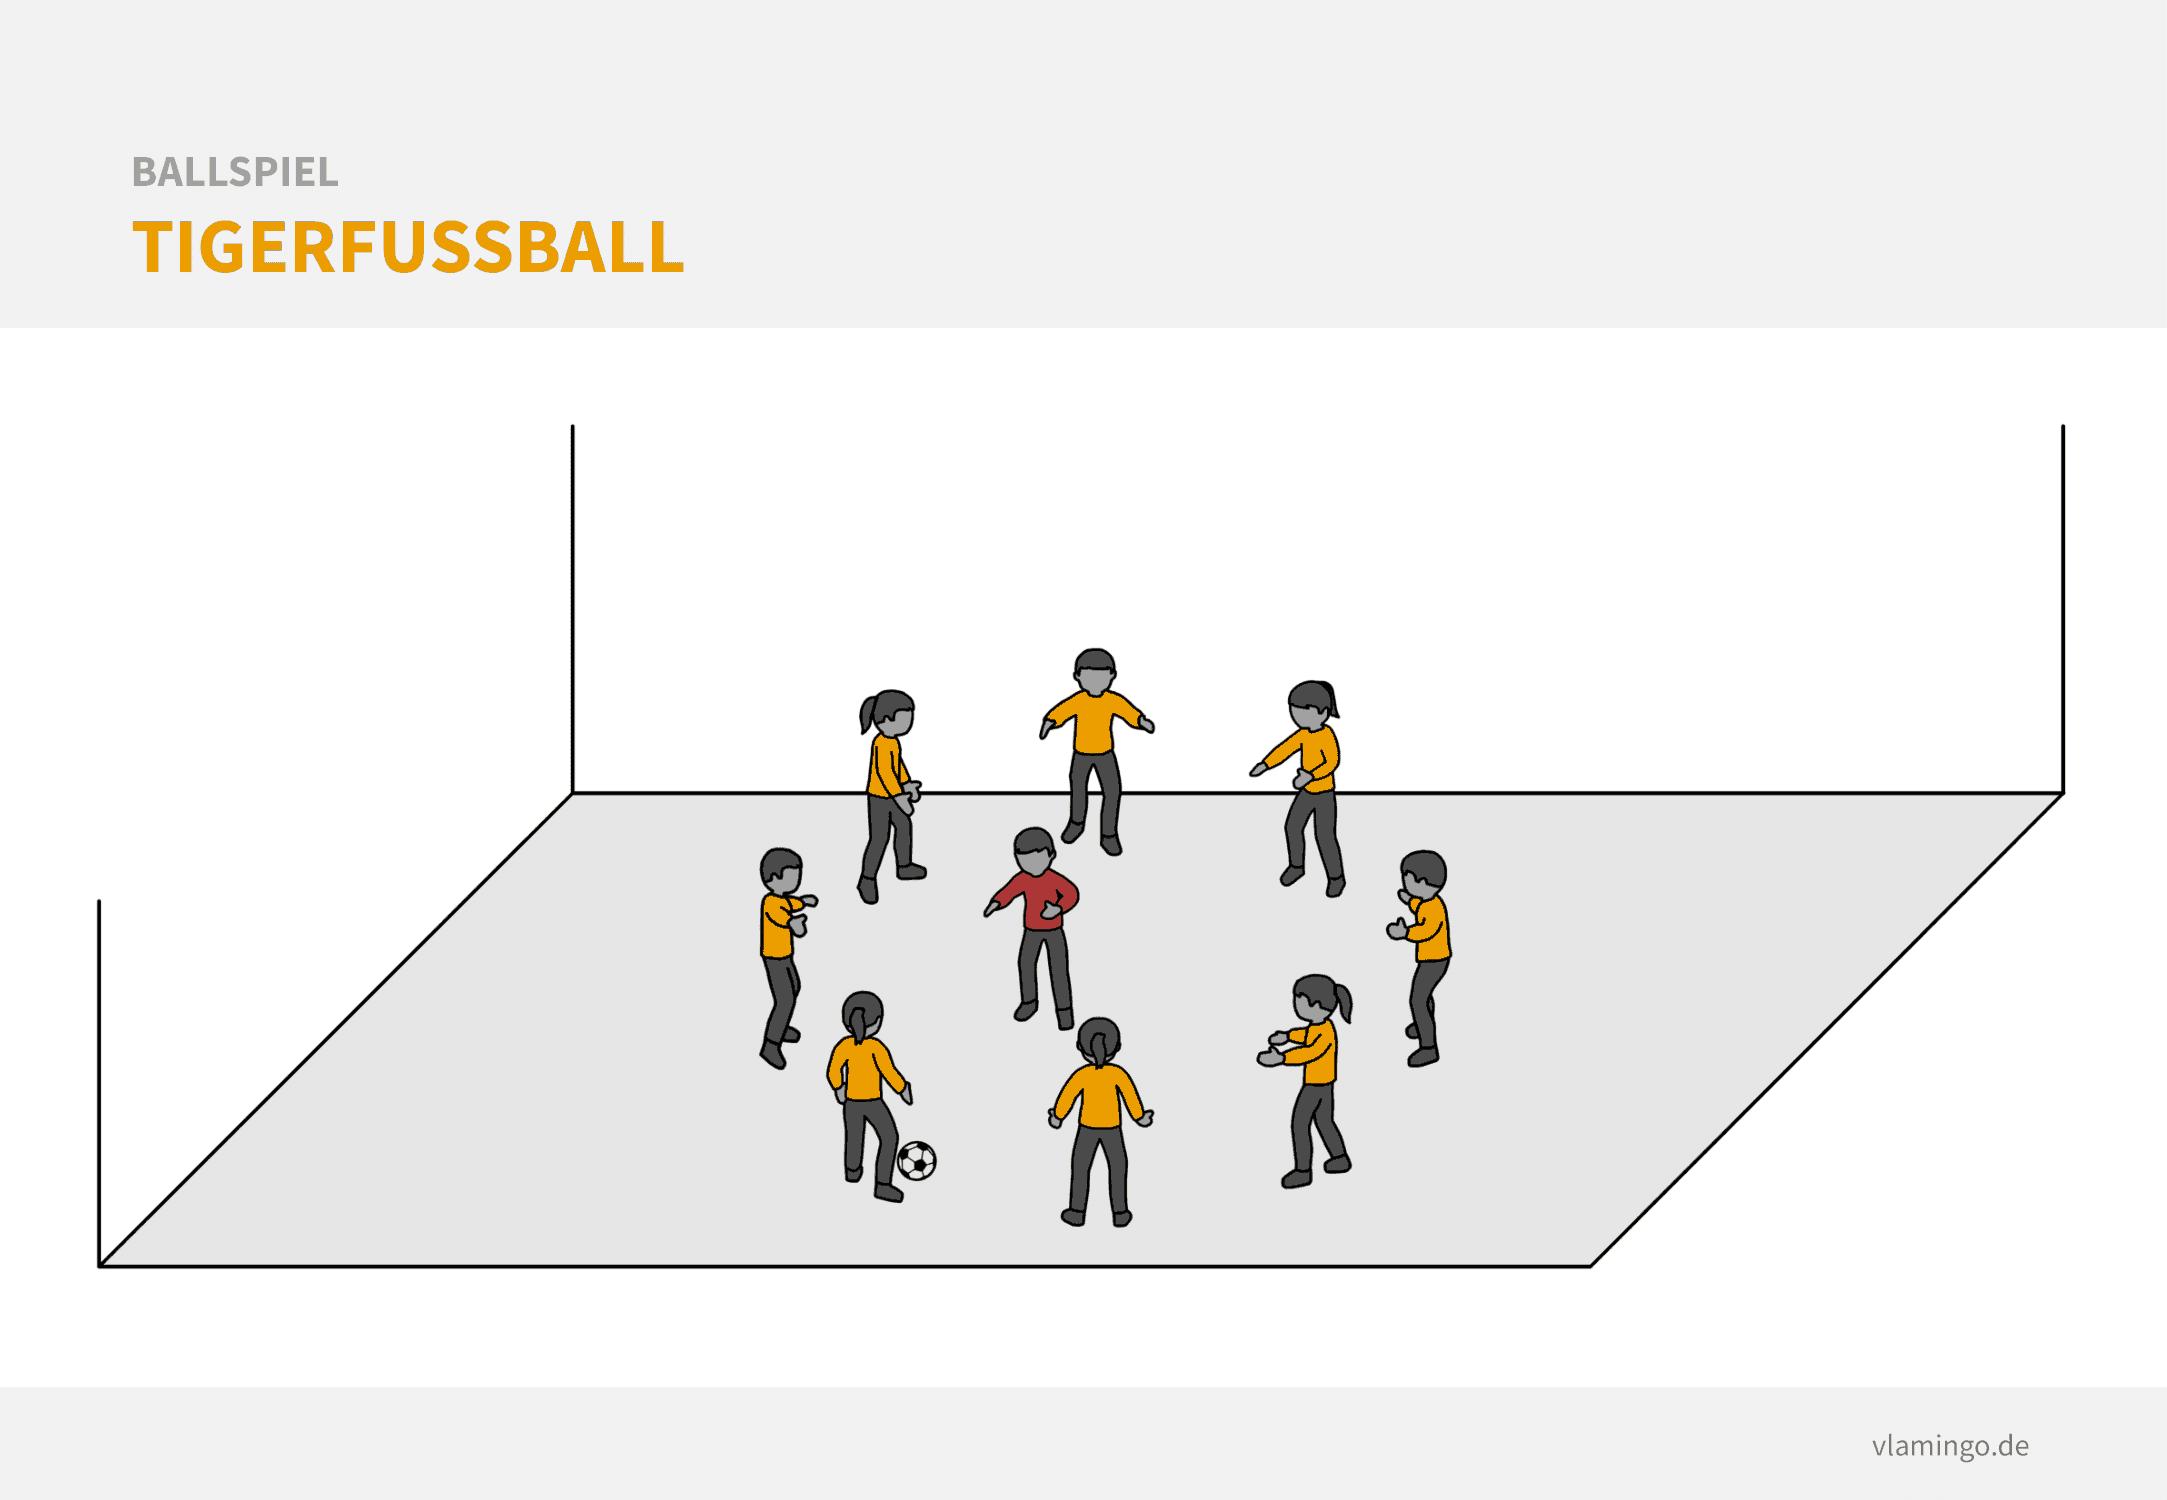 Fußball Aufwärmspiel: Tigerfußball